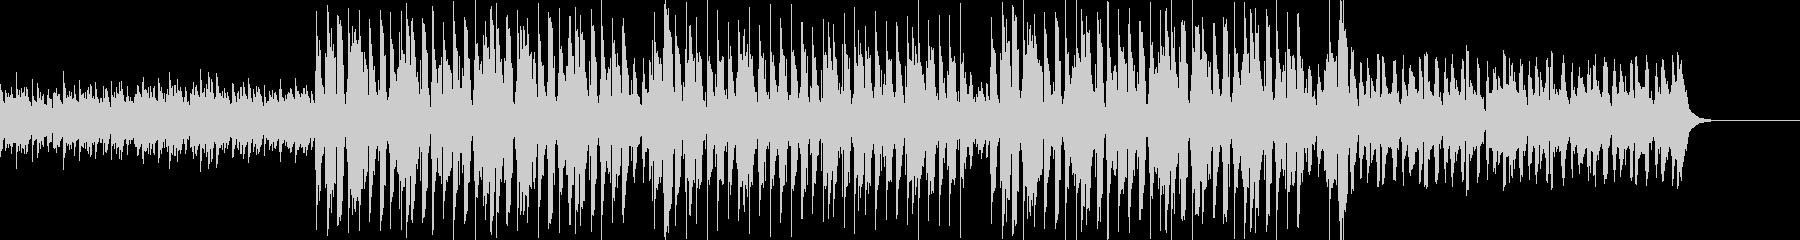 アンビエントとヒップホップの融合の未再生の波形